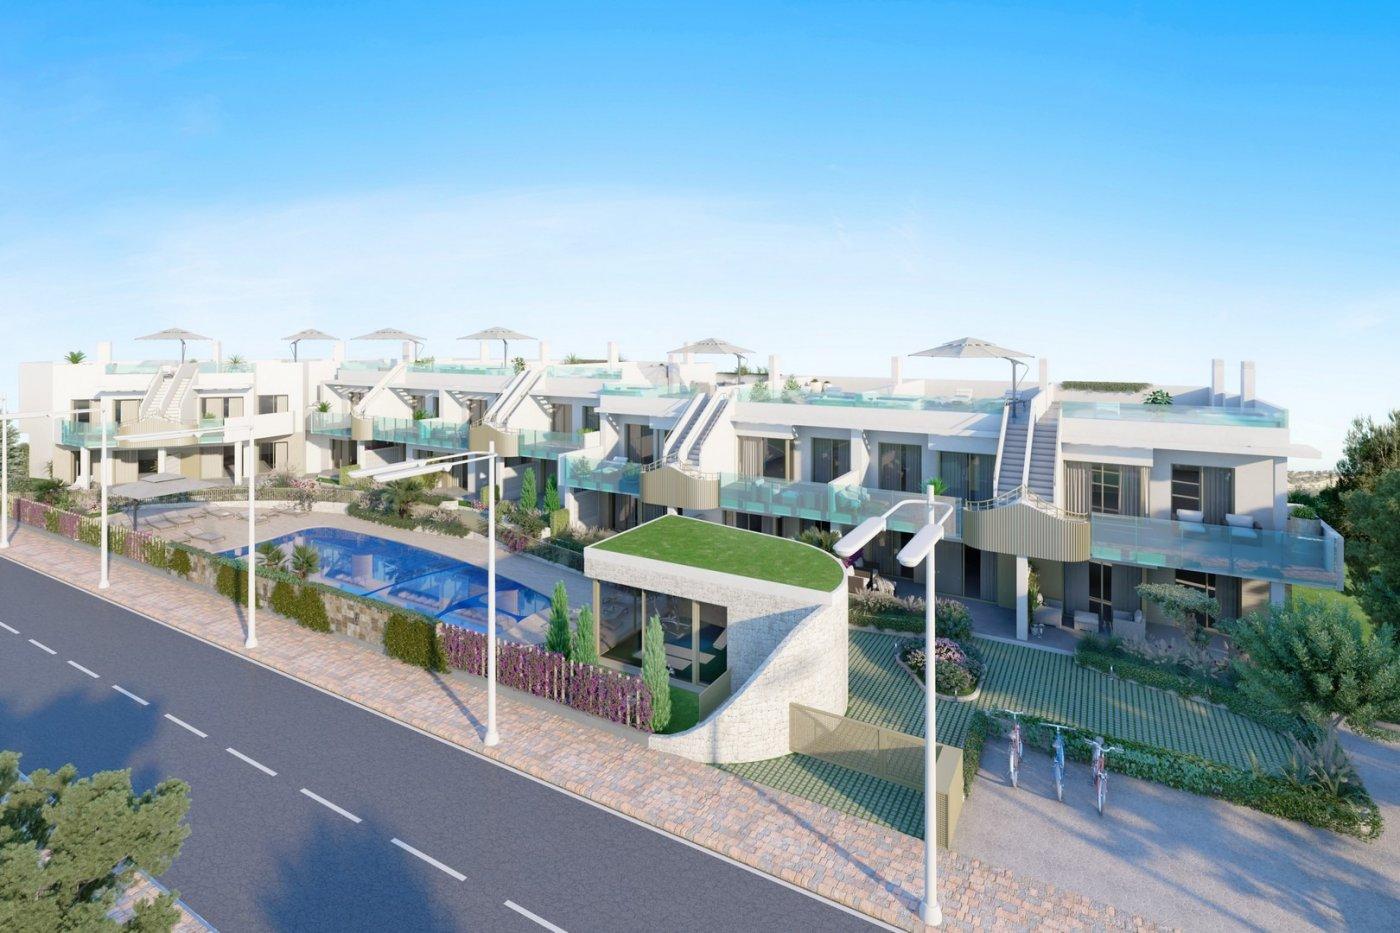 Nuevo residencial en pilar de la horadada!!! - imagenInmueble4